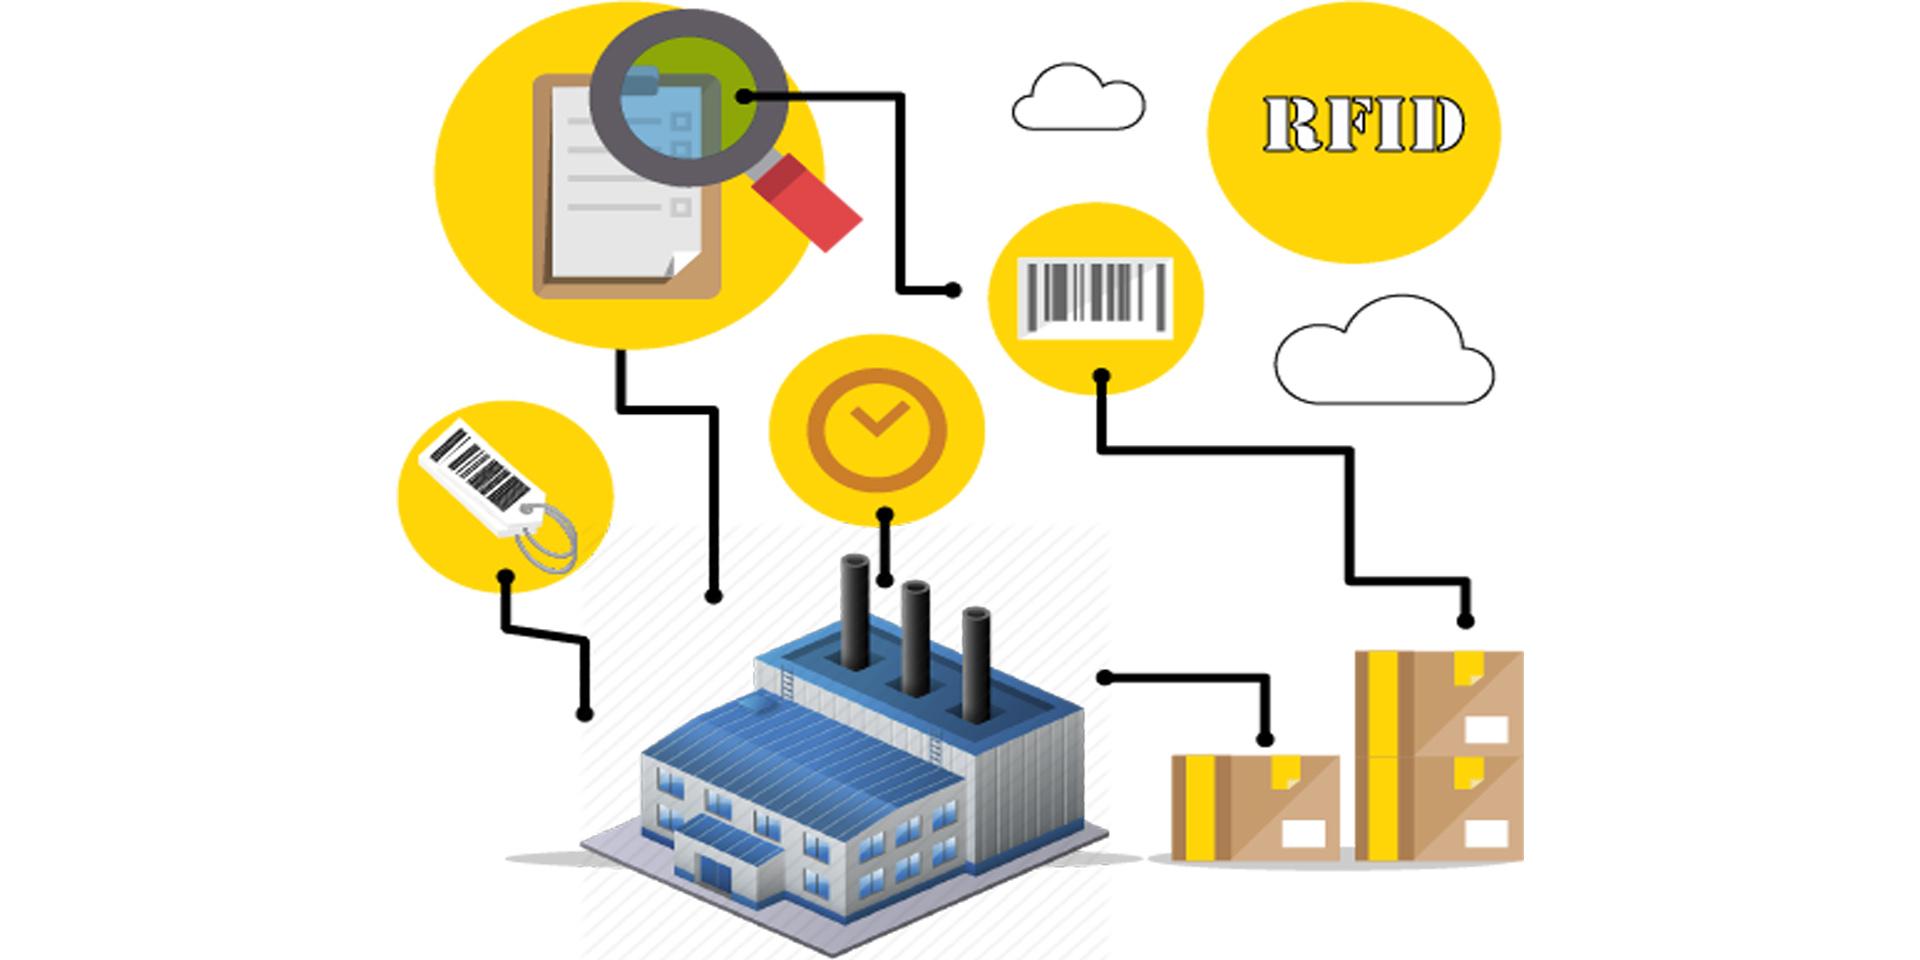 Descubre cómo la tecnología RFID para la trazabilidad puede hacerte la vida más fácil